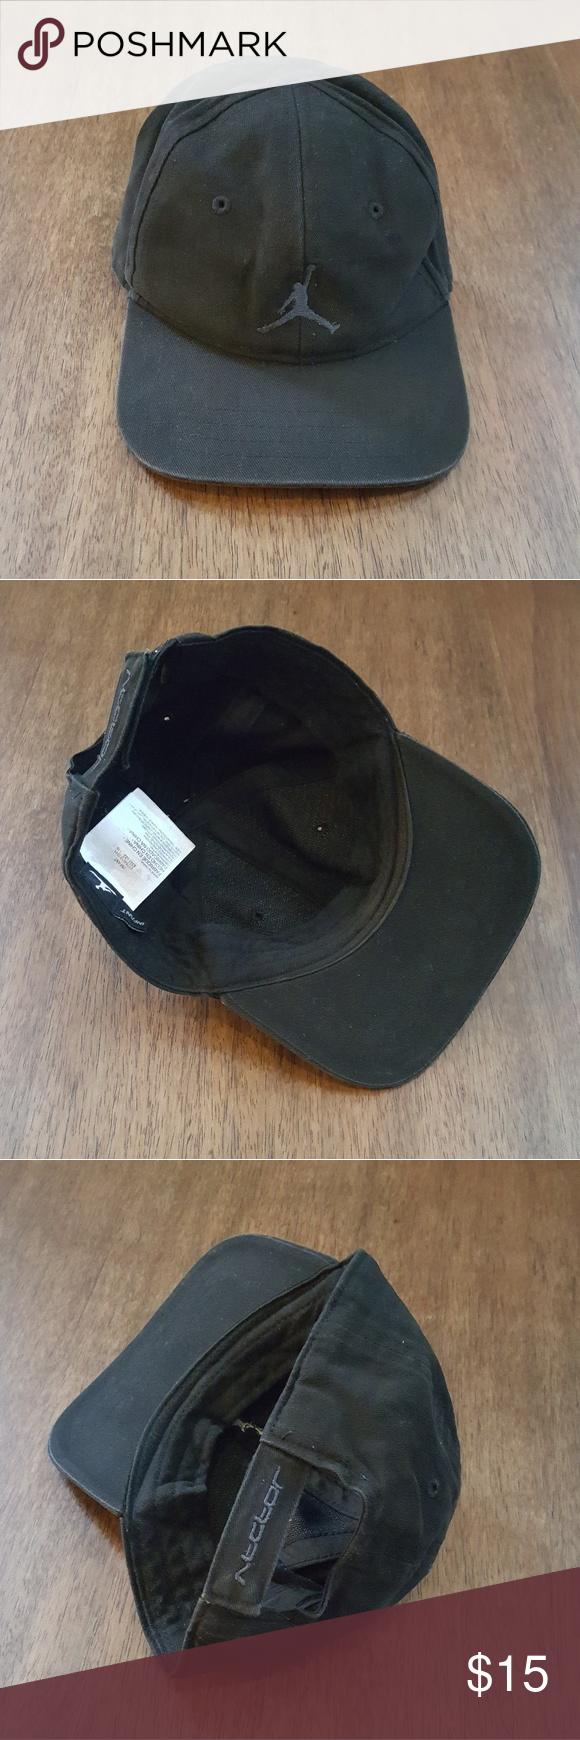 b09b7f314a3374 BOYS Jordan Infant Cap Jordan Infant Cap in Great Condition Jordan  Accessories Hats